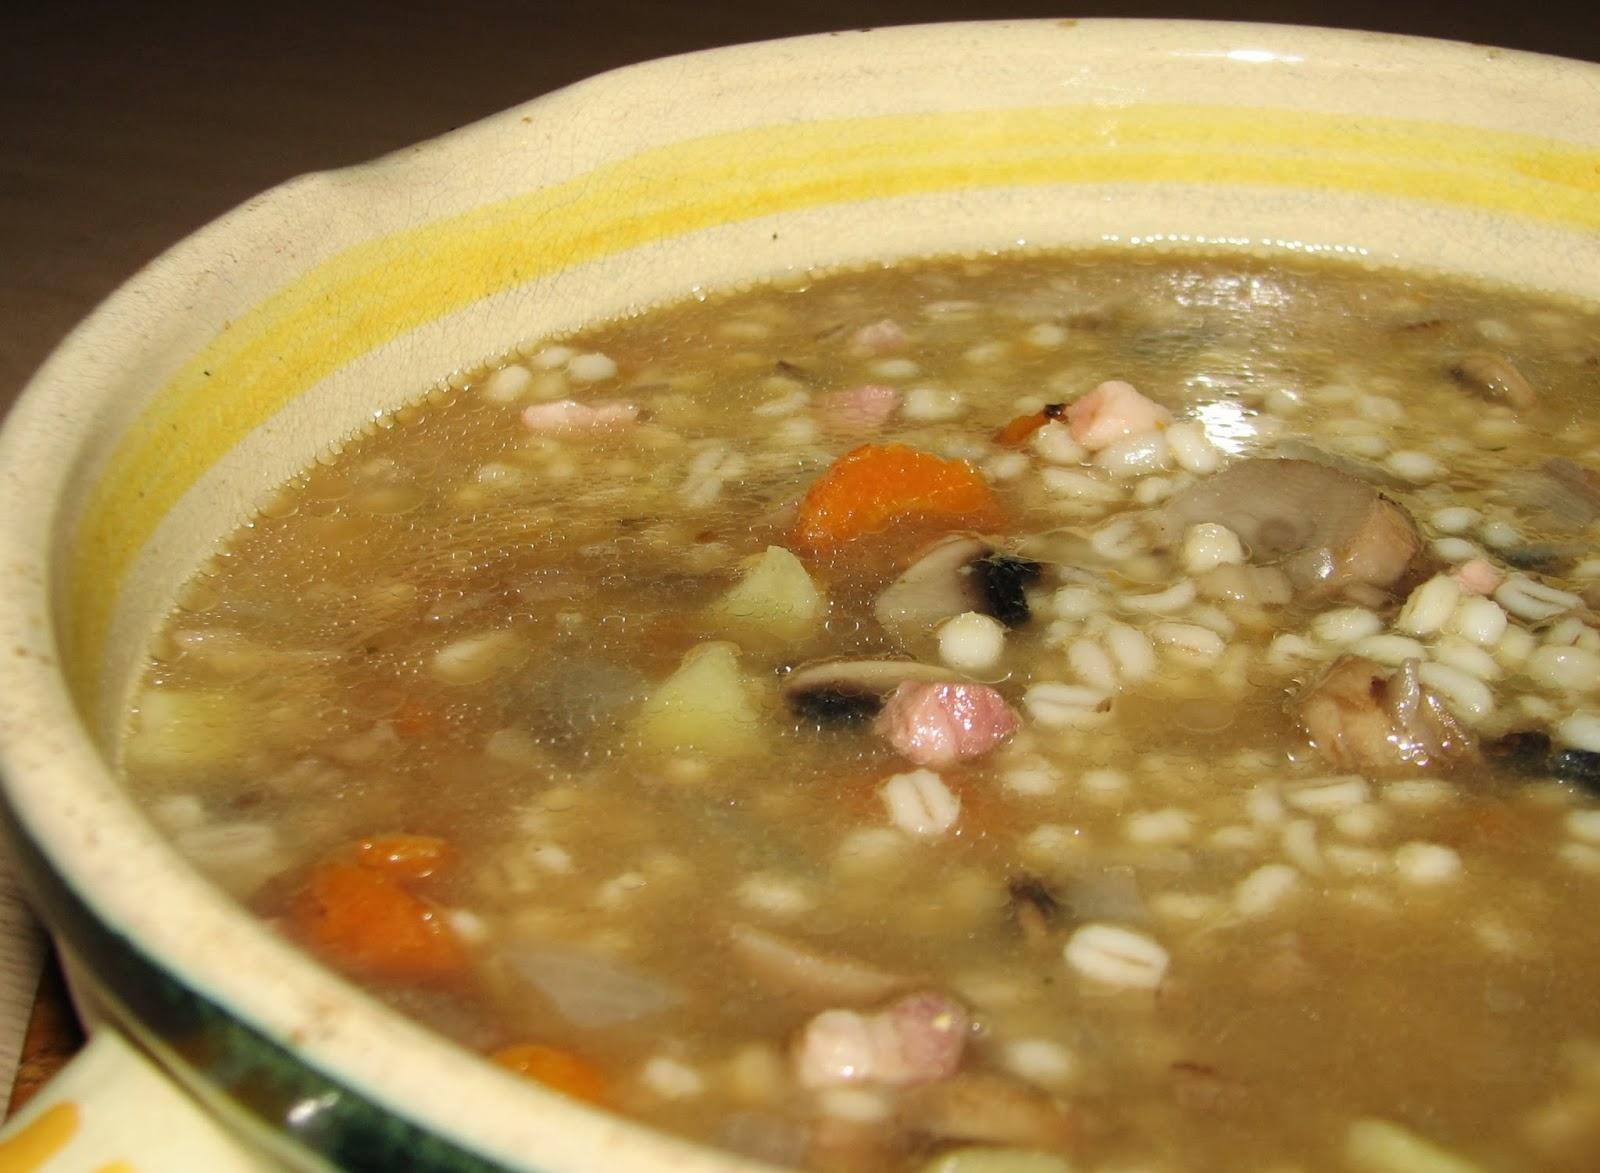 Pentola a pressione ricetta 4: Zuppa d'orzo